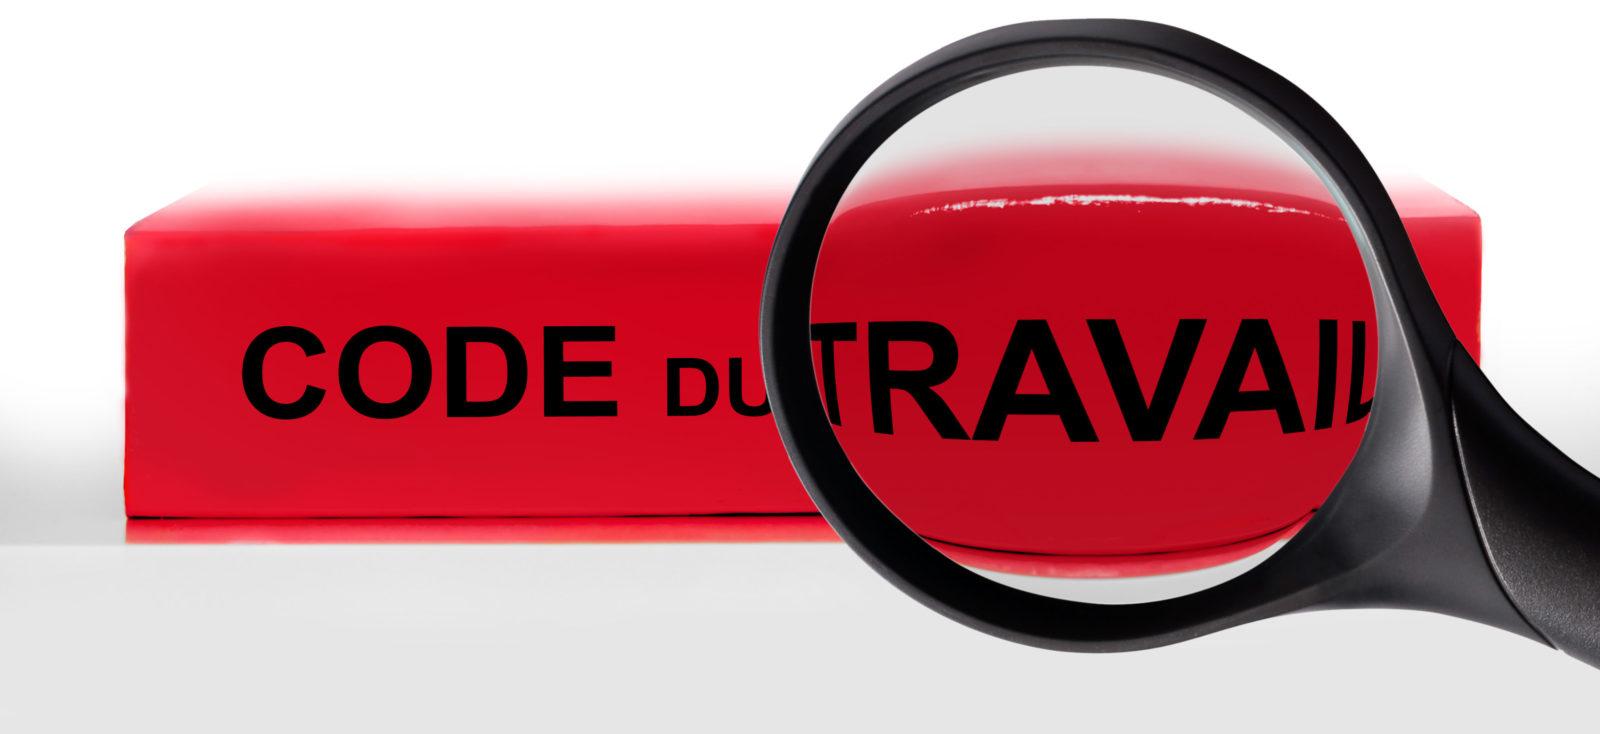 a35c6a49348 Droit-du-travail-Dominique-toussaint - Thème avocat